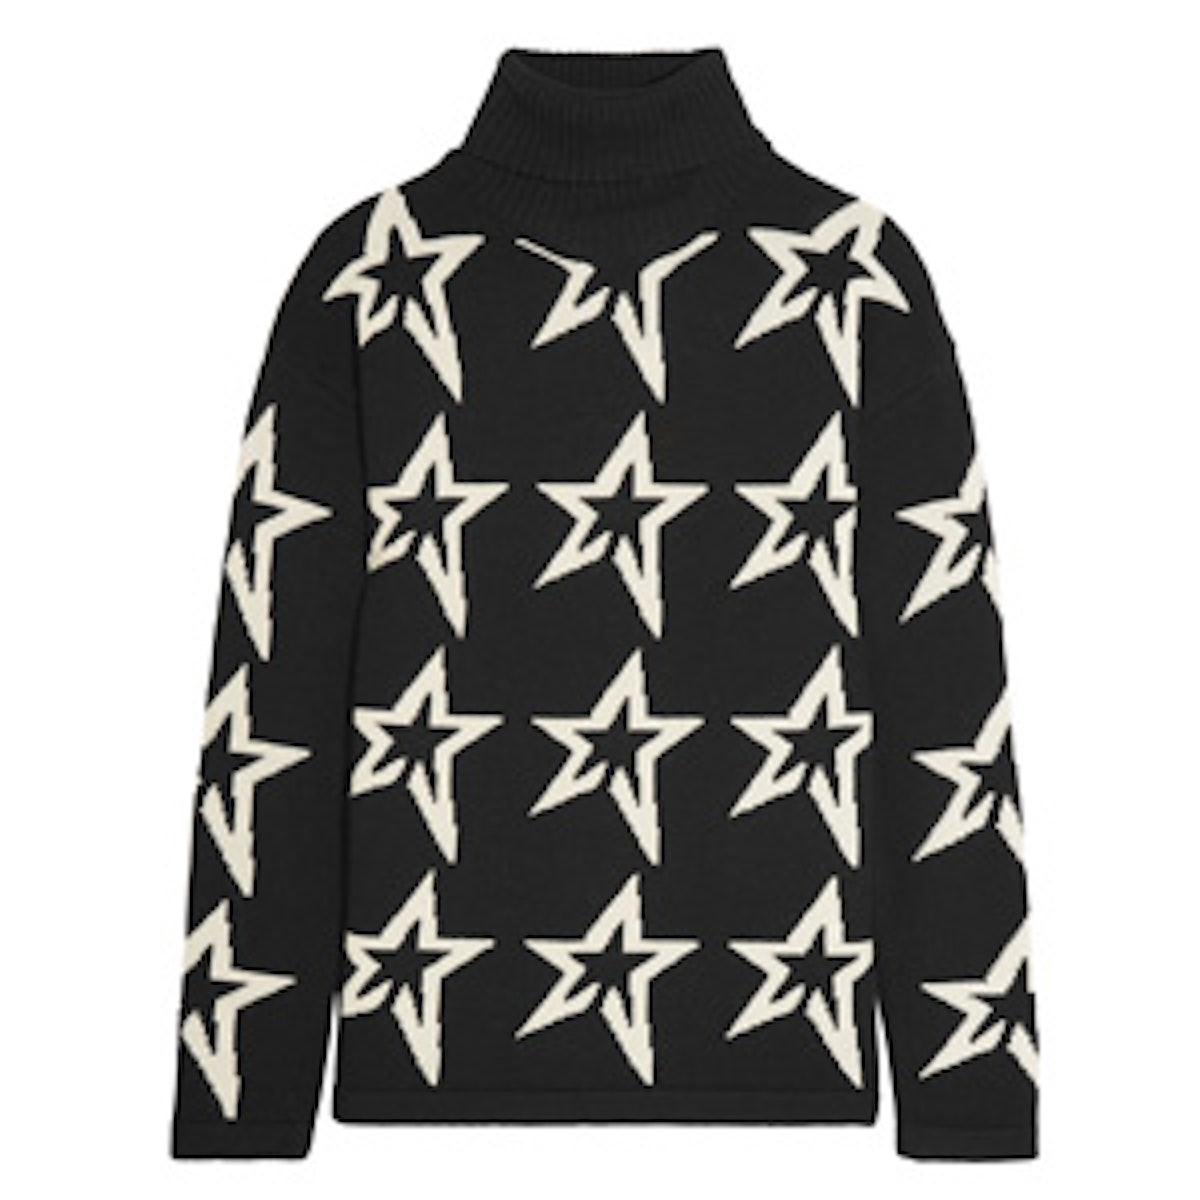 Stardust Intarsia Turtleneck Sweater